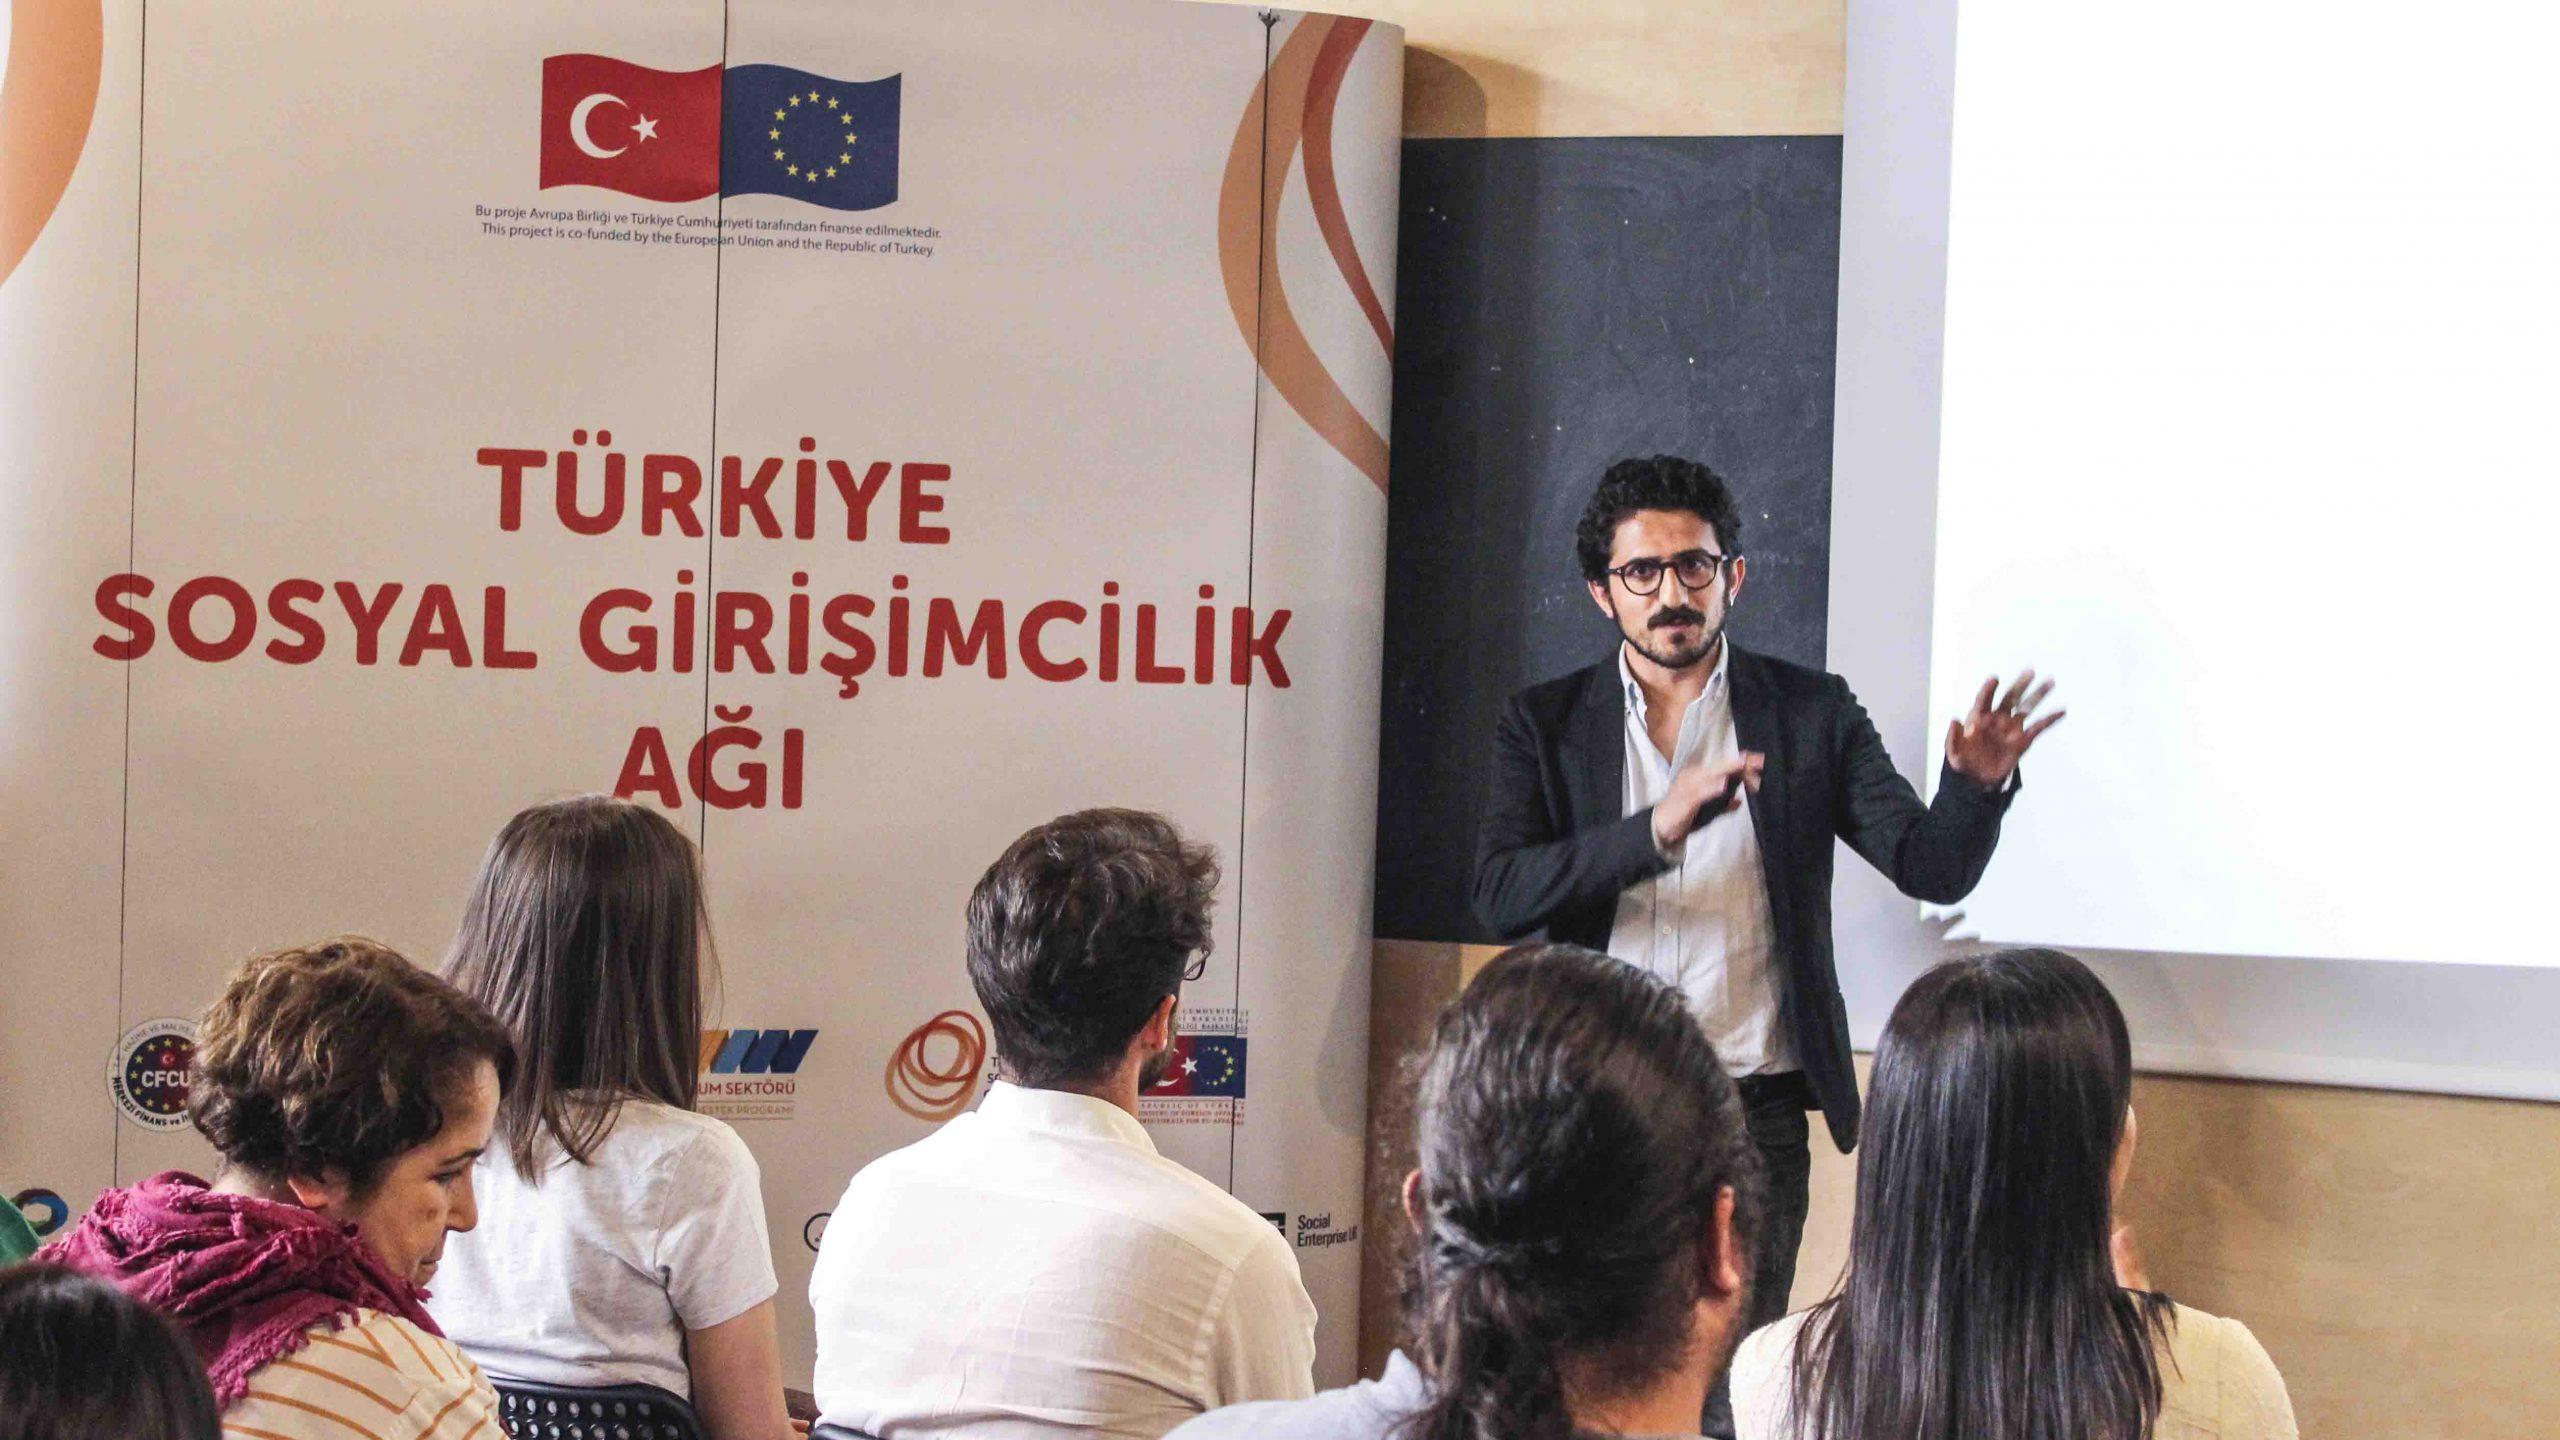 Turkiye sosyal girisimcilik agi tgsa emrah kurum